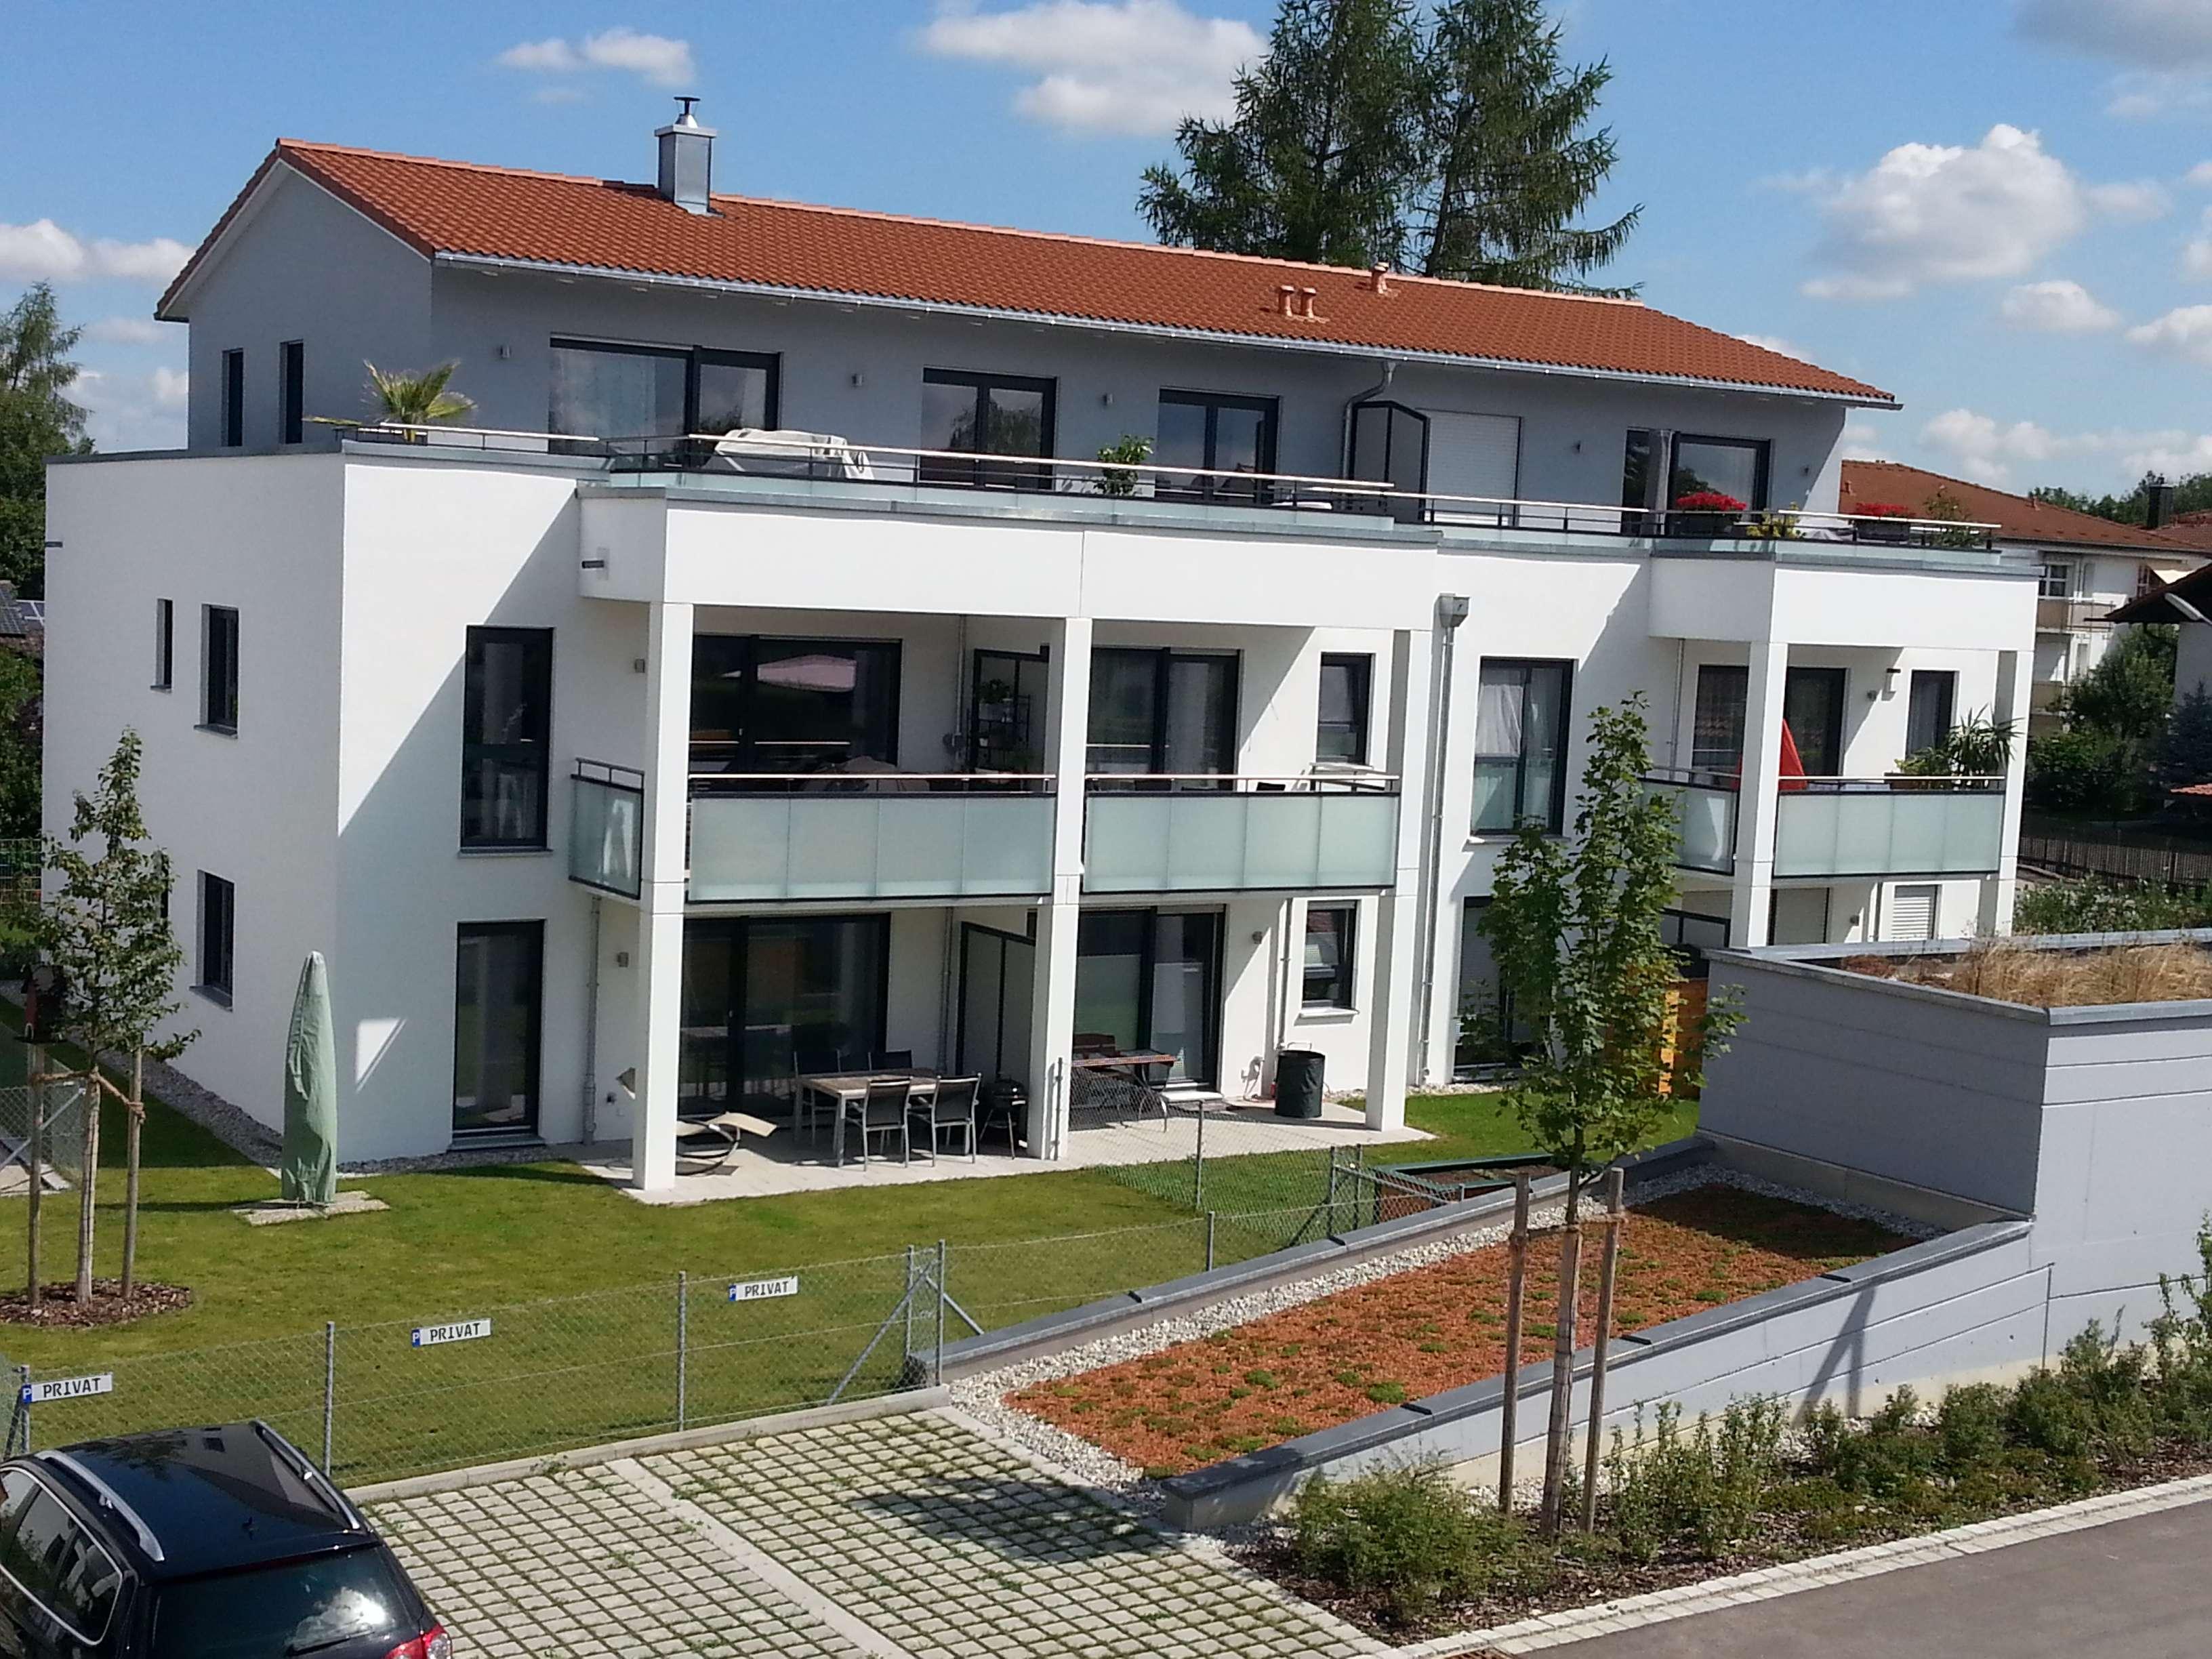 Wunderschöne helle 2-Zimmer-Wohnung mit Dachterrasse in Taufkirchen in Taufkirchen (München)